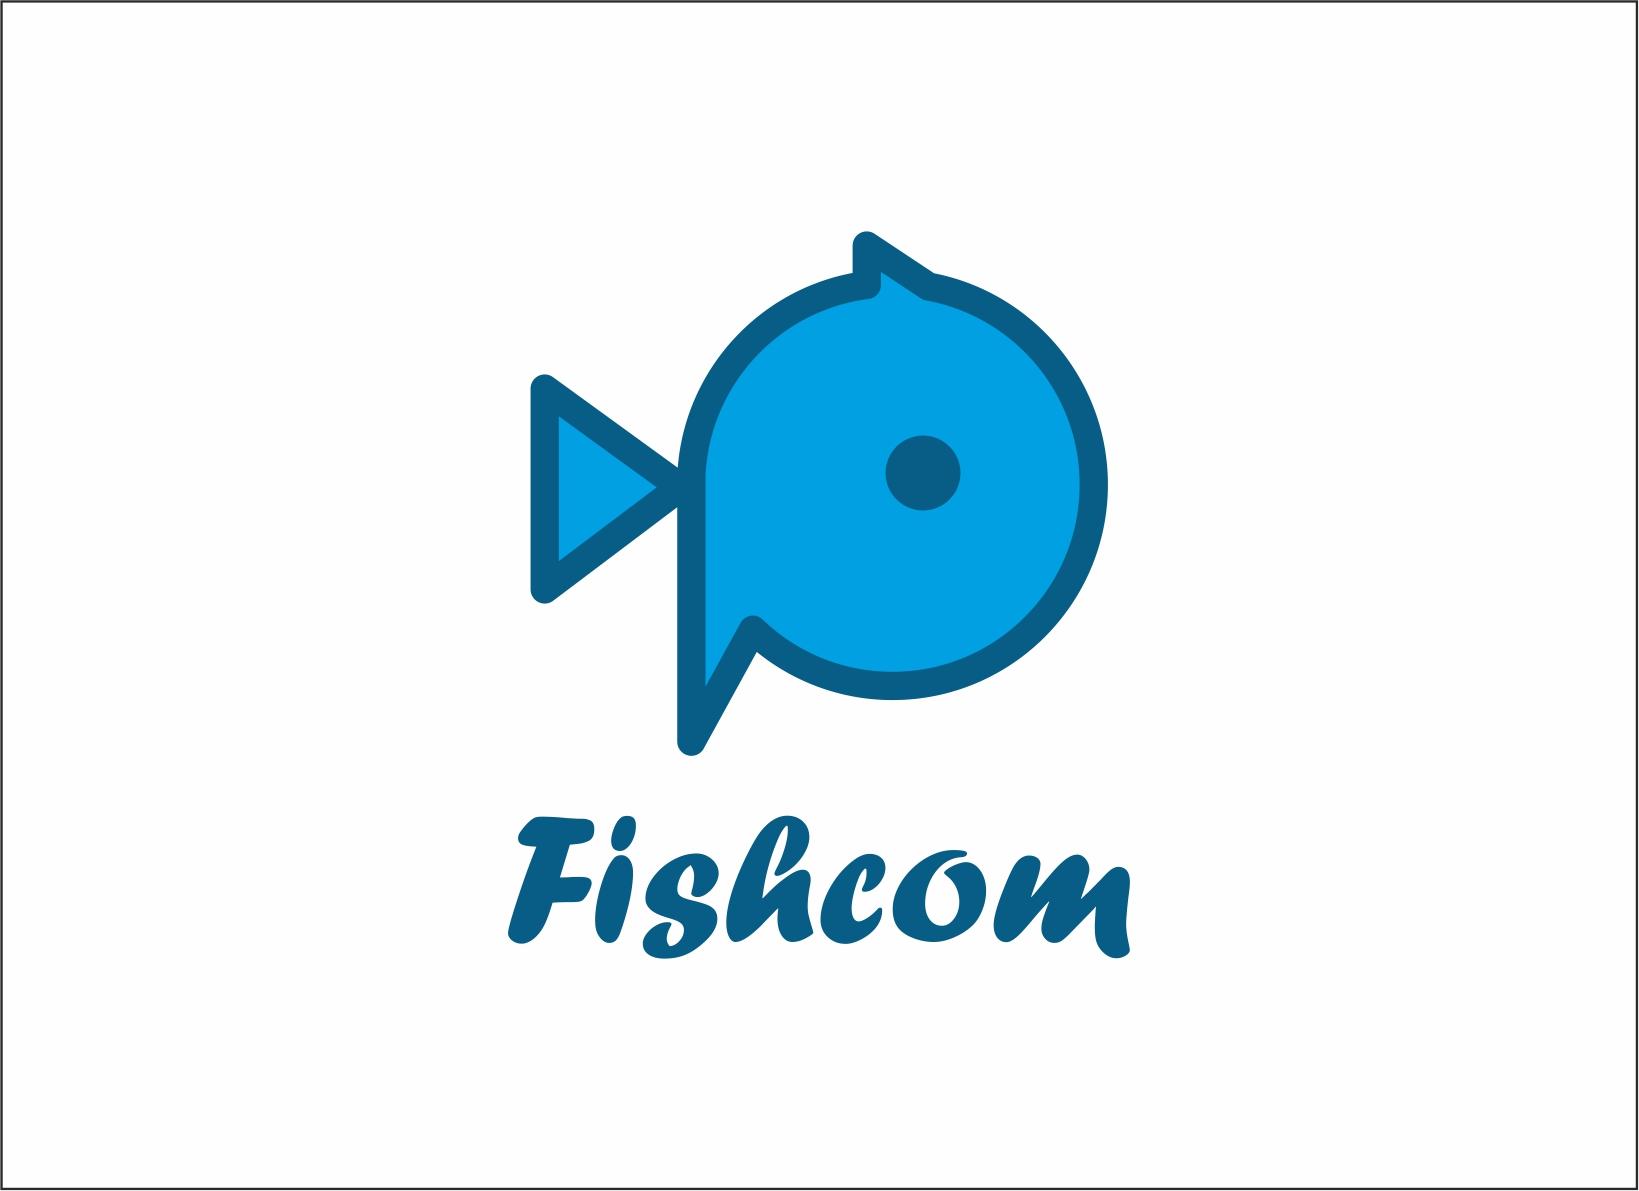 Создание логотипа и брэндбука для компании РЫБКОМ фото f_8445c1360ac9b247.jpg